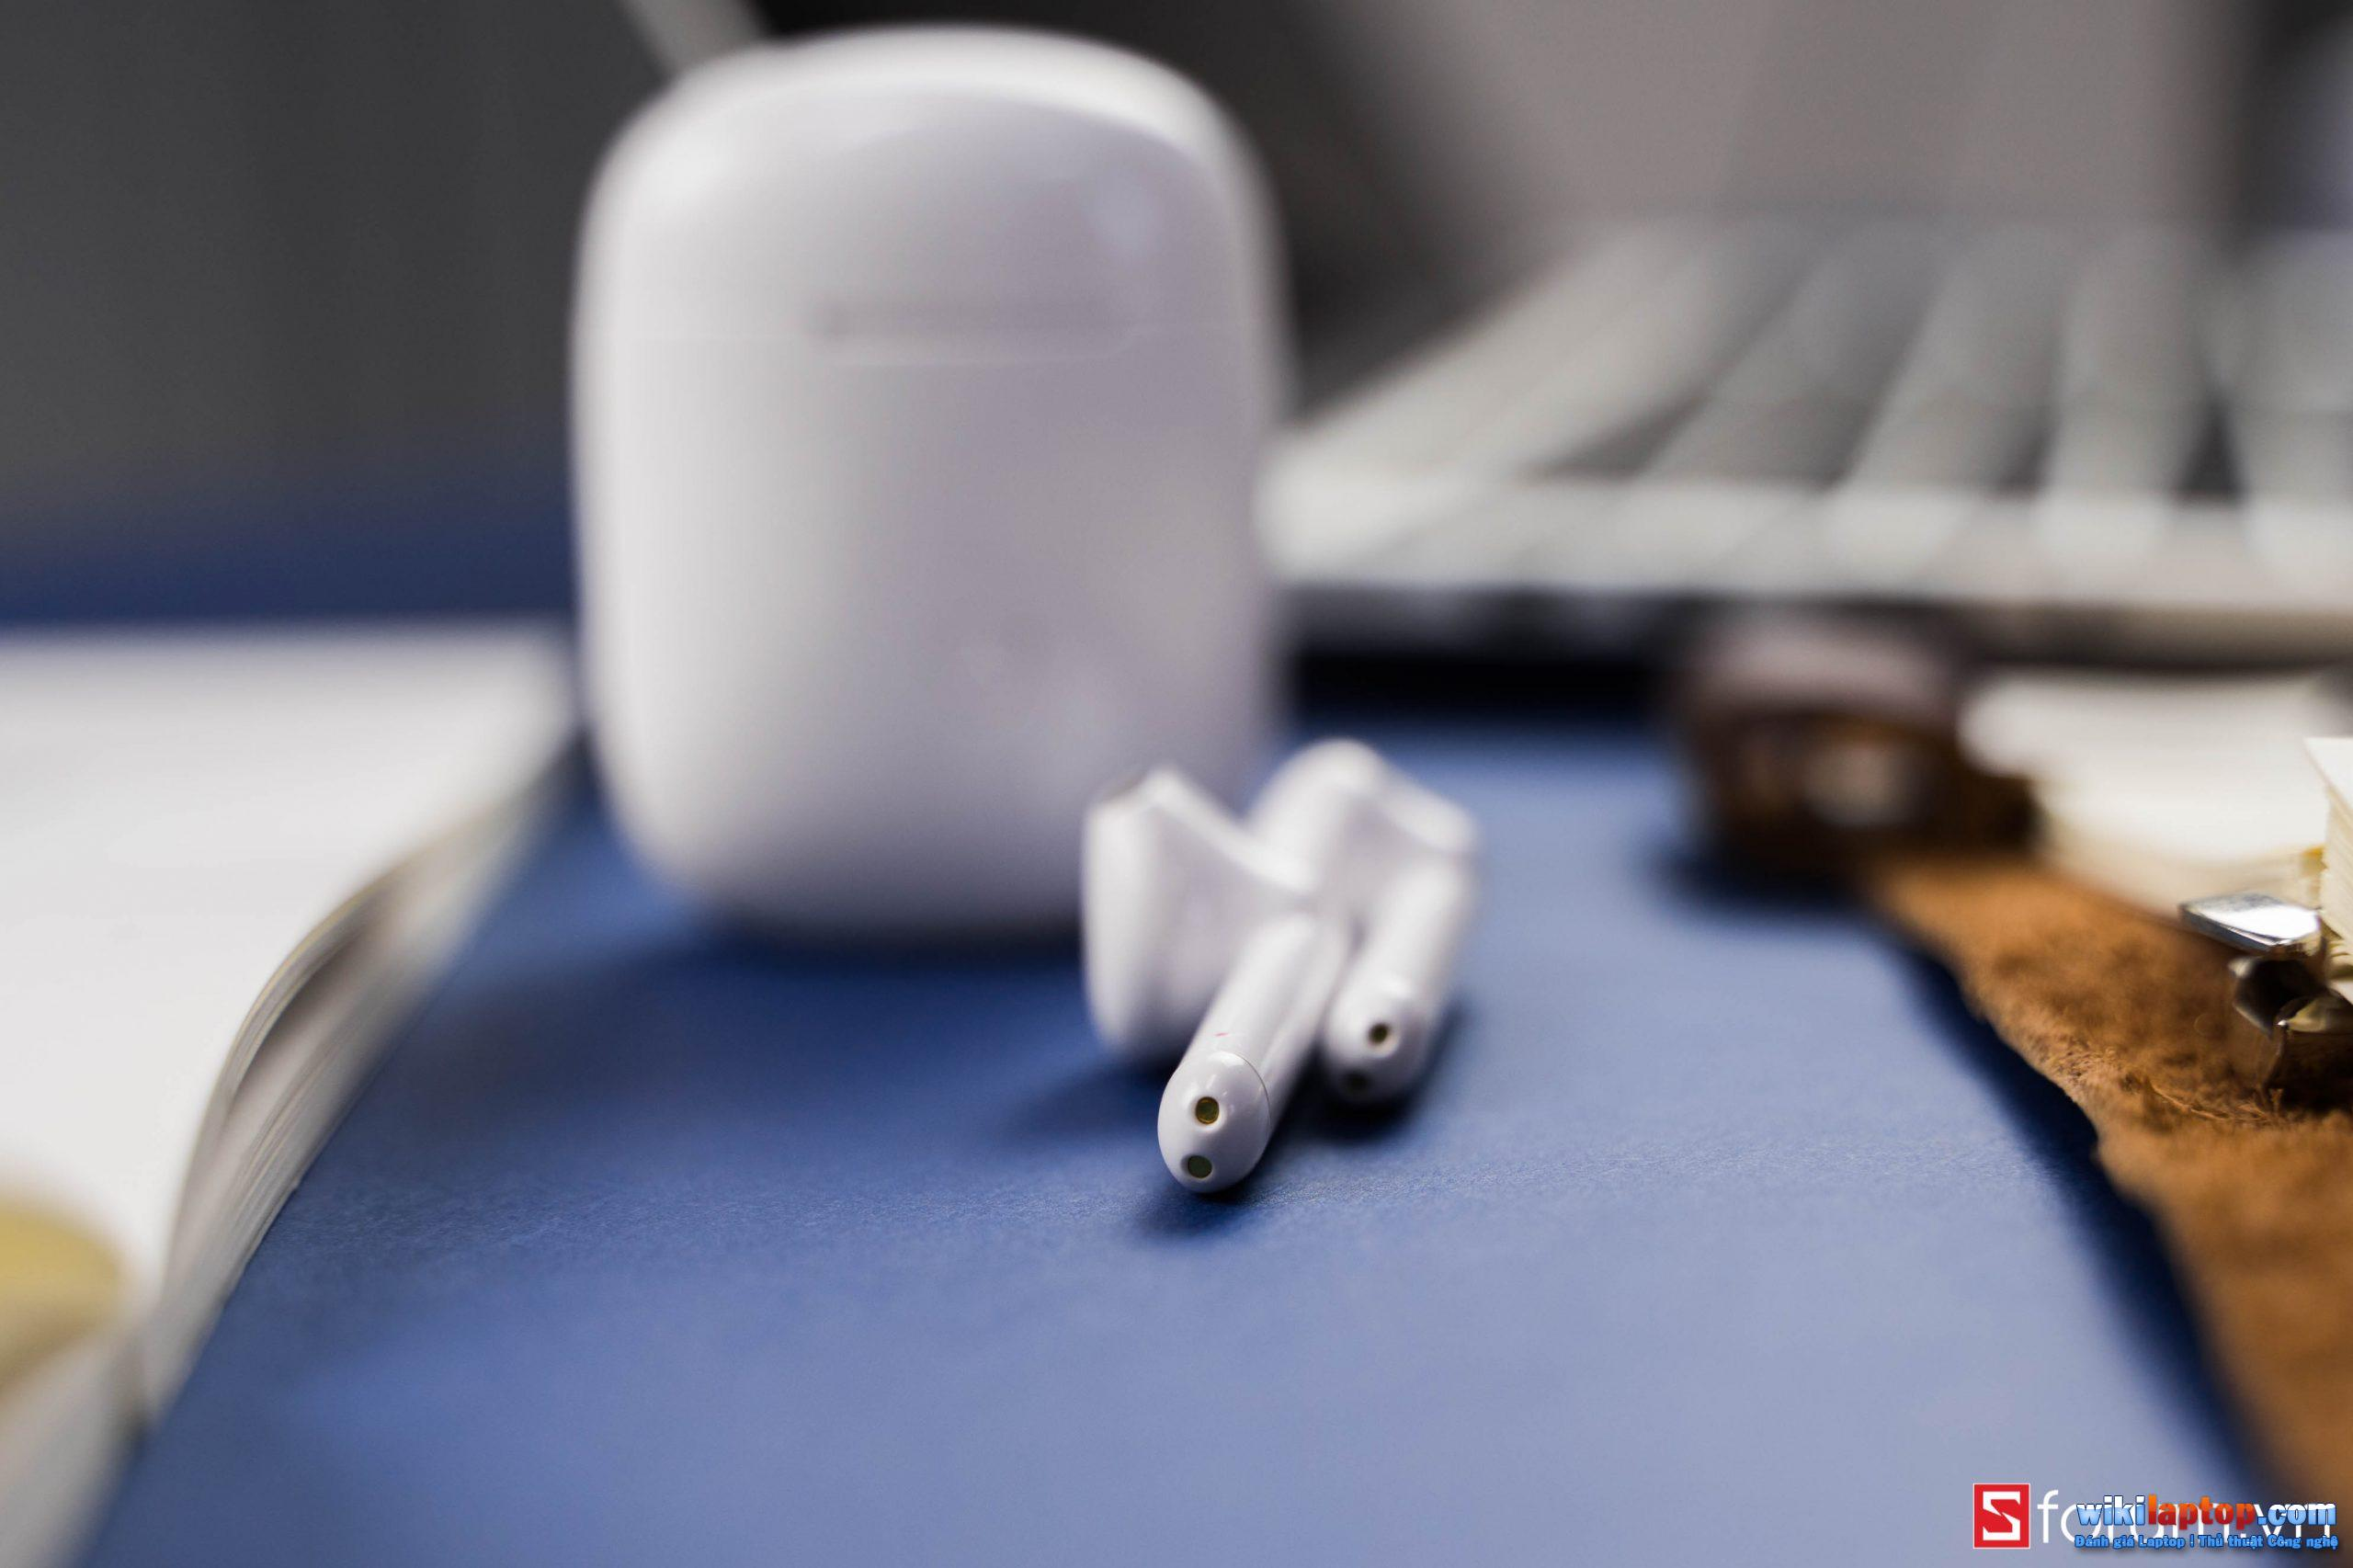 Sforum - DSC00298-2-scale - Đánh giá SoundPEATS TrueAir: Thời lượng pin lên đến 30 giờ, Bluetooth 5.0, chất lượng âm thanh trung cao